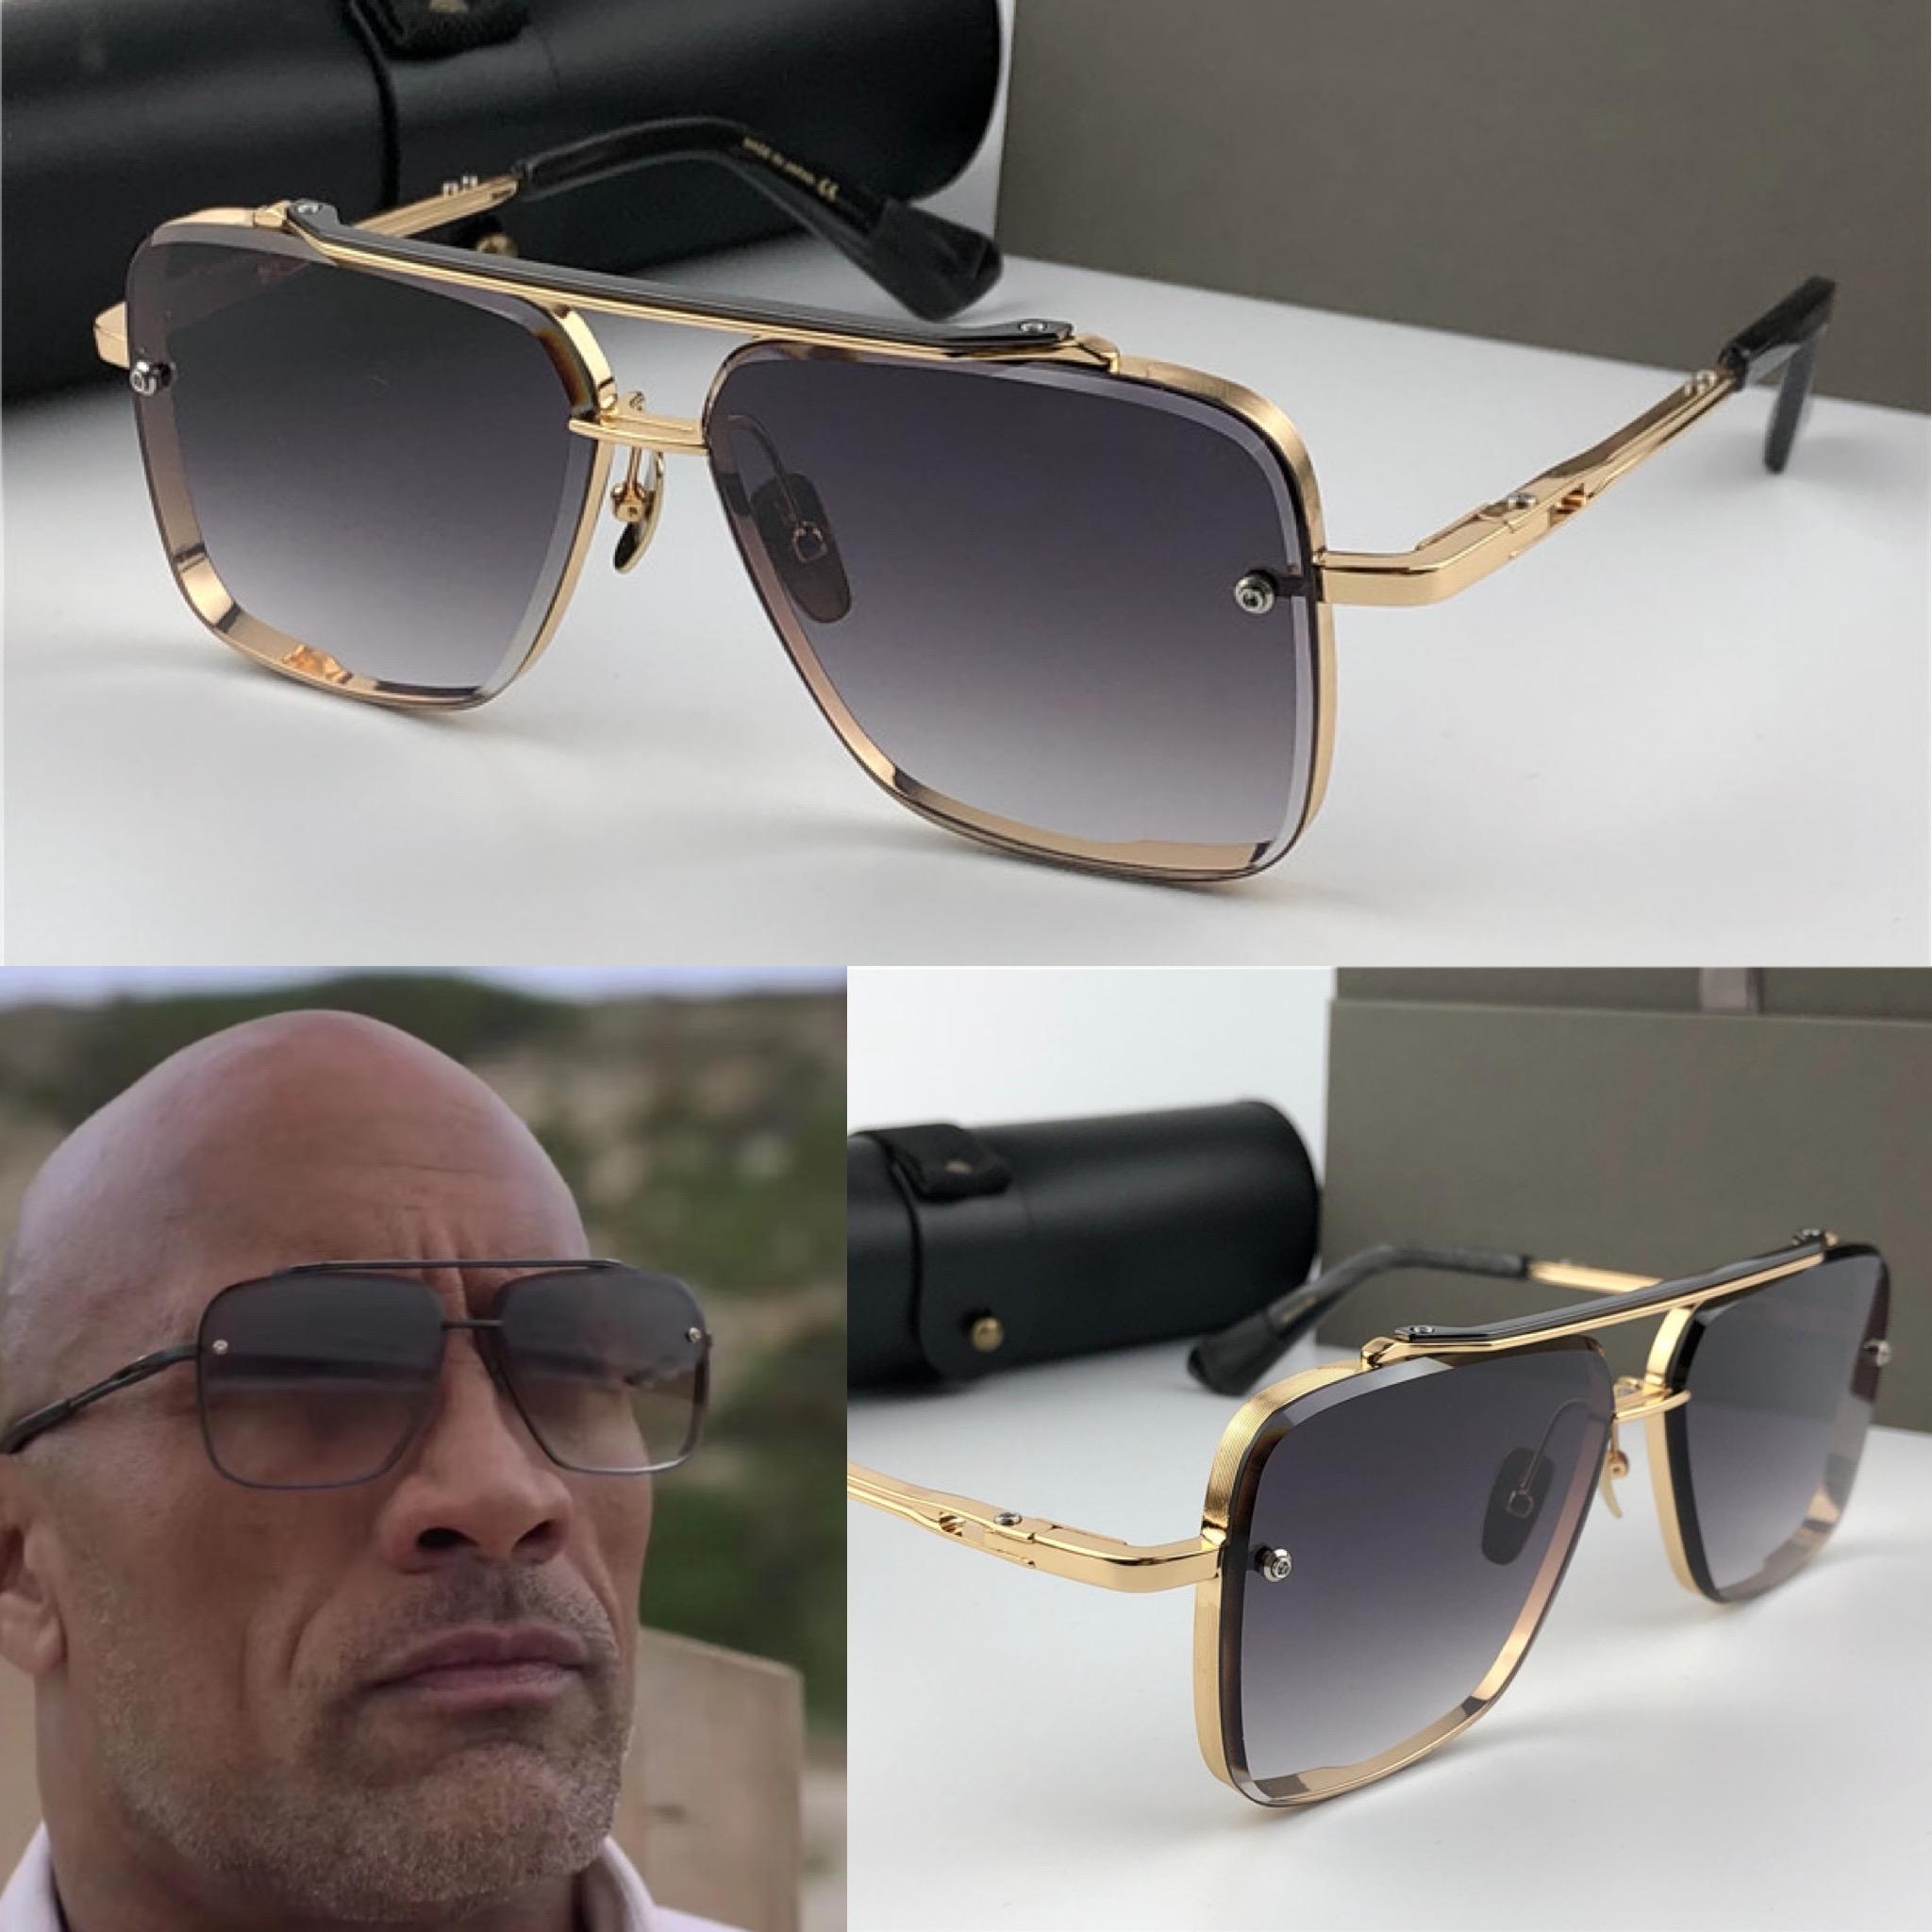 Новые солнцезащитные очки Мужчины Металл Урожай Sunglass Мода Стиль площади рамки металла Крупногабаритные Солнцезащитные очки UV 400 объектива с Case